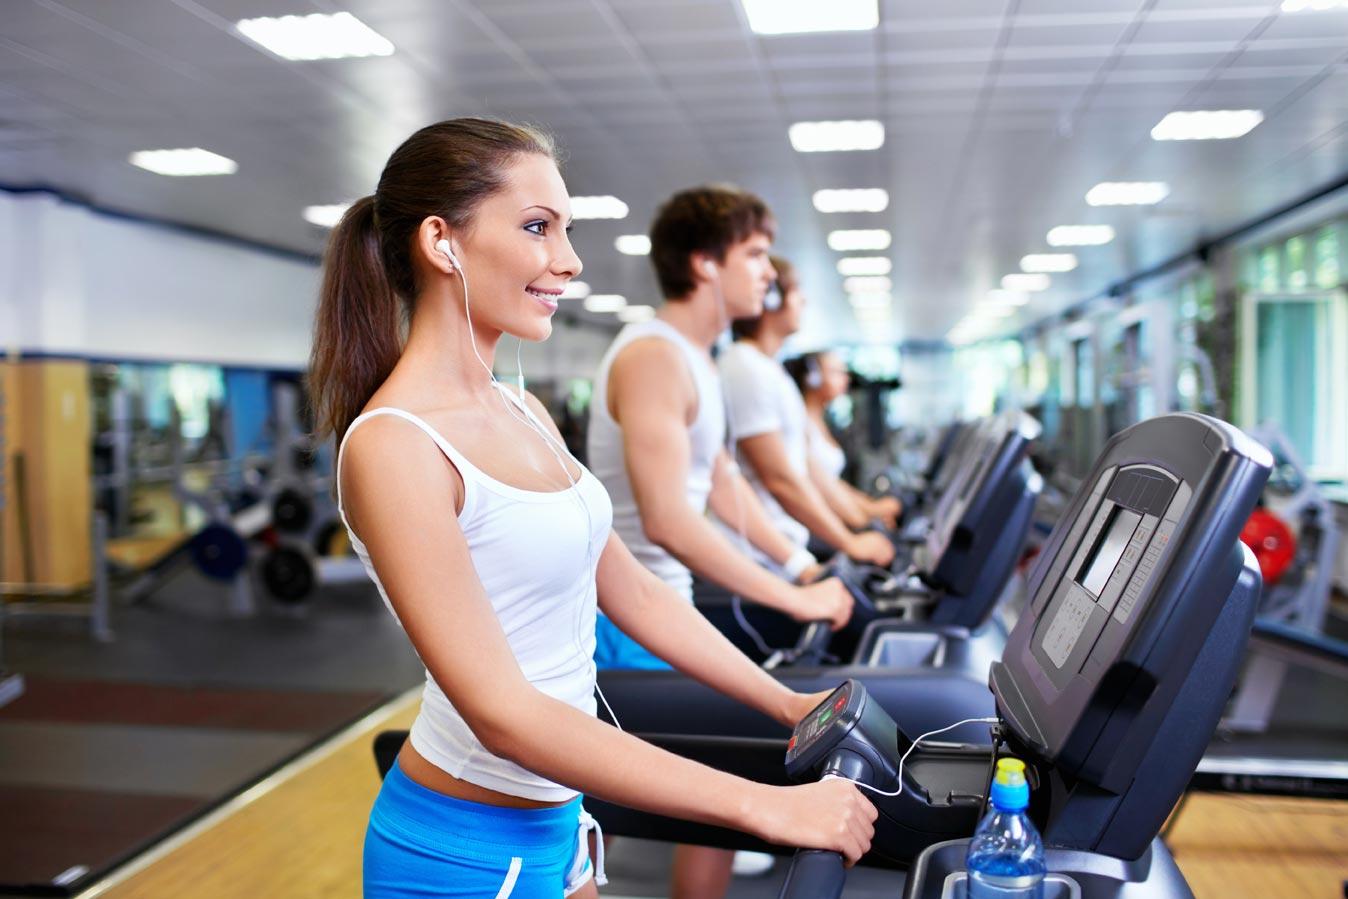 La actividad física regular moderada podría reducir la morbilidad y mortalidad por COVID-19